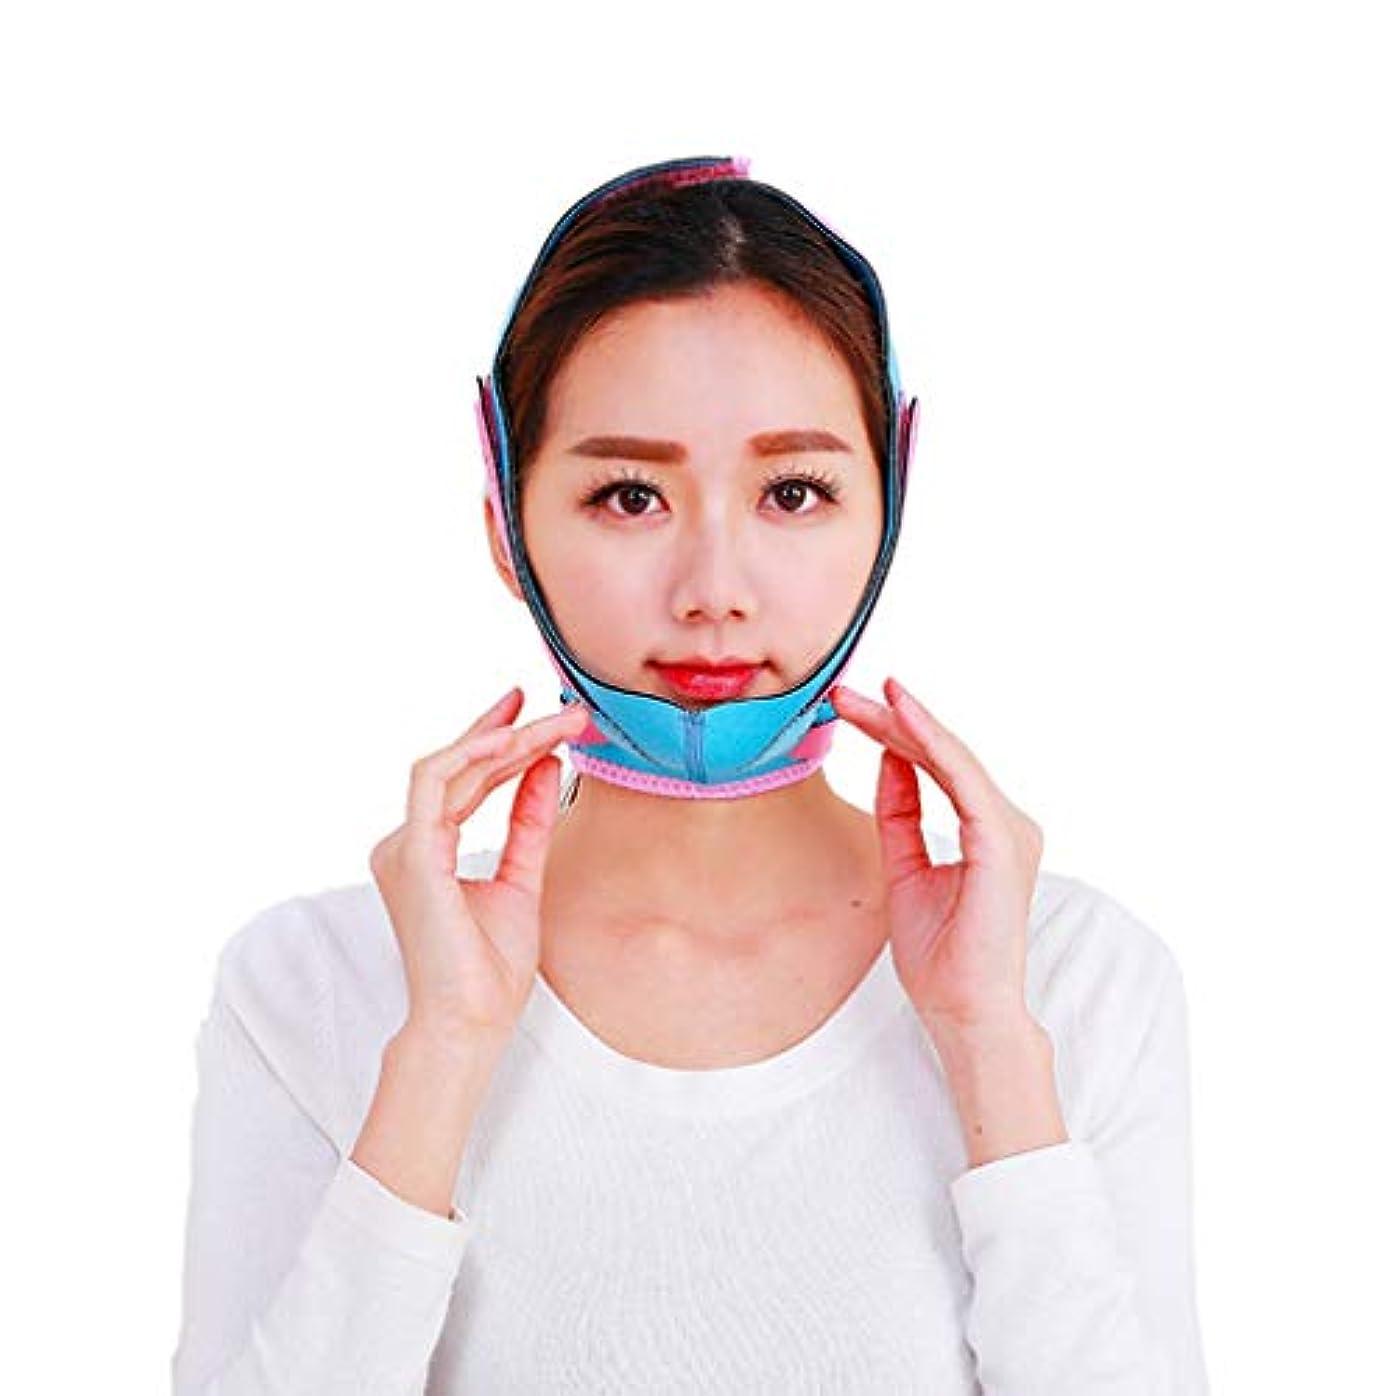 主に希少性説得顔-リフティングマスクは、たるみの筋肉や引き締まった肌の弾力性を和らげるために輪郭を強化する V フェイス包帯